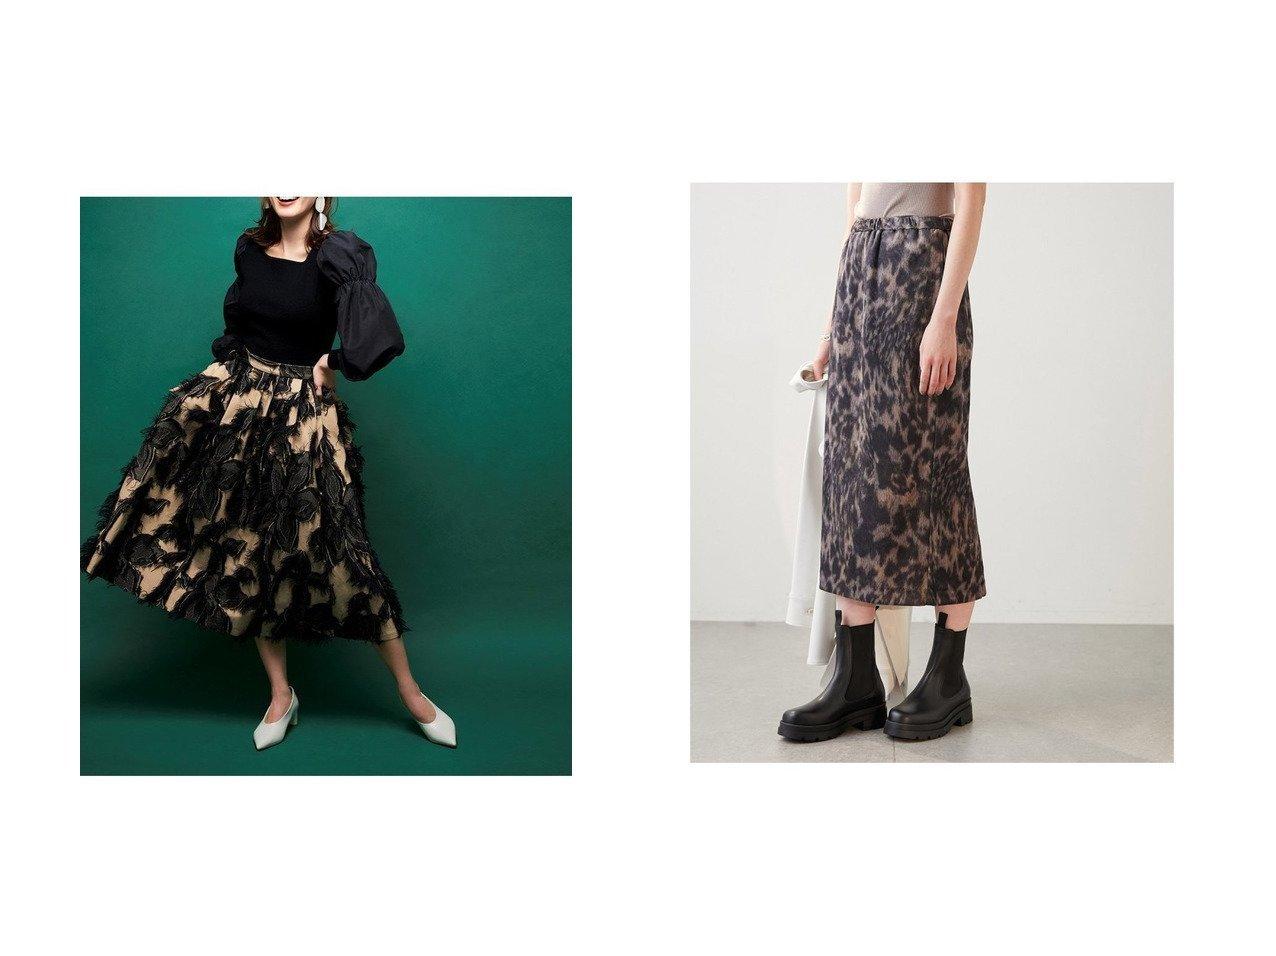 【Whim Gazette/ウィムガゼット】のWEB限定 ハイエナベロアスカート&【CELFORD/セルフォード】のカットジャガードスカート 【スカート】おすすめ!人気、トレンド・レディースファッションの通販 おすすめで人気の流行・トレンド、ファッションの通販商品 インテリア・家具・メンズファッション・キッズファッション・レディースファッション・服の通販 founy(ファニー) https://founy.com/ ファッション Fashion レディースファッション WOMEN スカート Skirt ロングスカート Long Skirt キュプラ フリンジ モチーフ ロング クラッシュ シューズ ストレッチ タイトスカート 人気 フラット ベロア A/W・秋冬 AW・Autumn/Winter・FW・Fall-Winter 2021年 2021 S/S・春夏 SS・Spring/Summer 2021春夏・S/S SS/Spring/Summer/2021 2021-2022秋冬・A/W AW・Autumn/Winter・FW・Fall-Winter・2021-2022 |ID:crp329100000069614